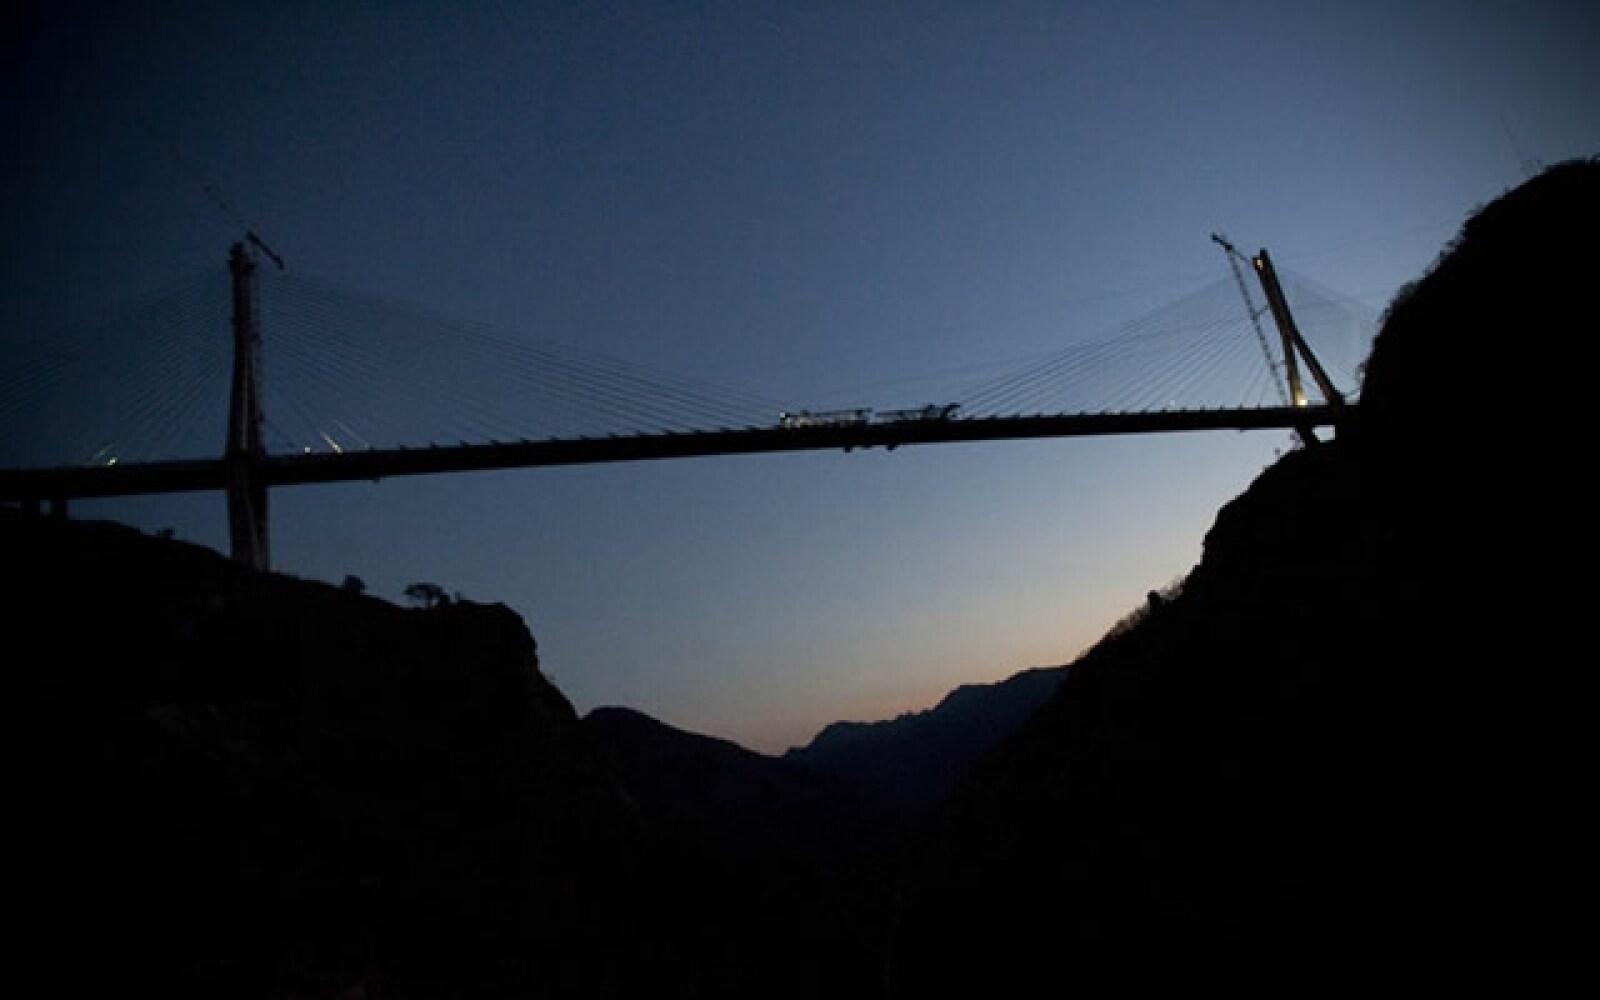 Récords Guinness certificó al Puente Baluarte Bicentenario como el más alto del mundo.